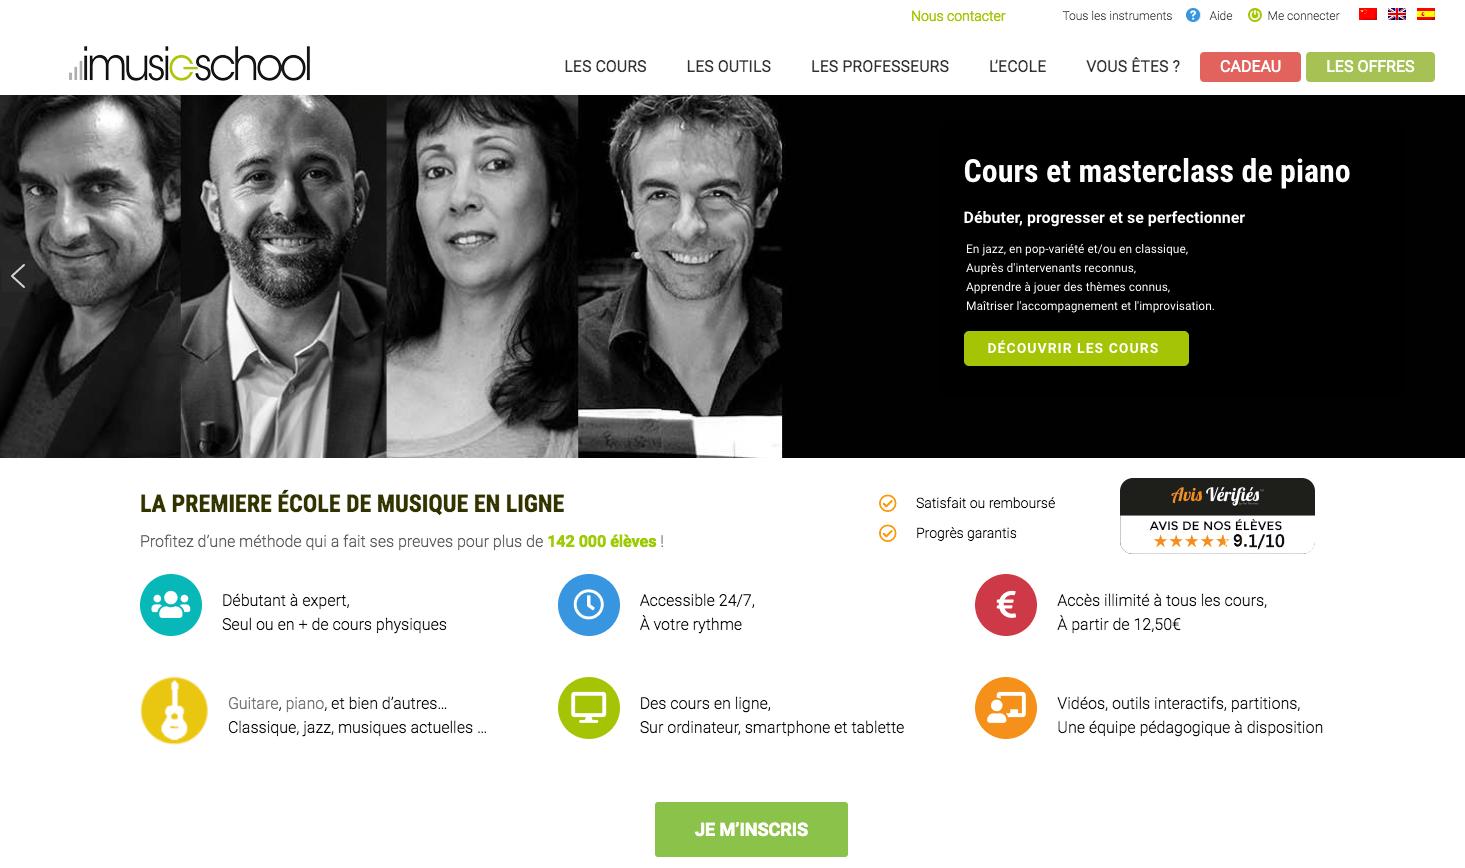 école de musique en ligne